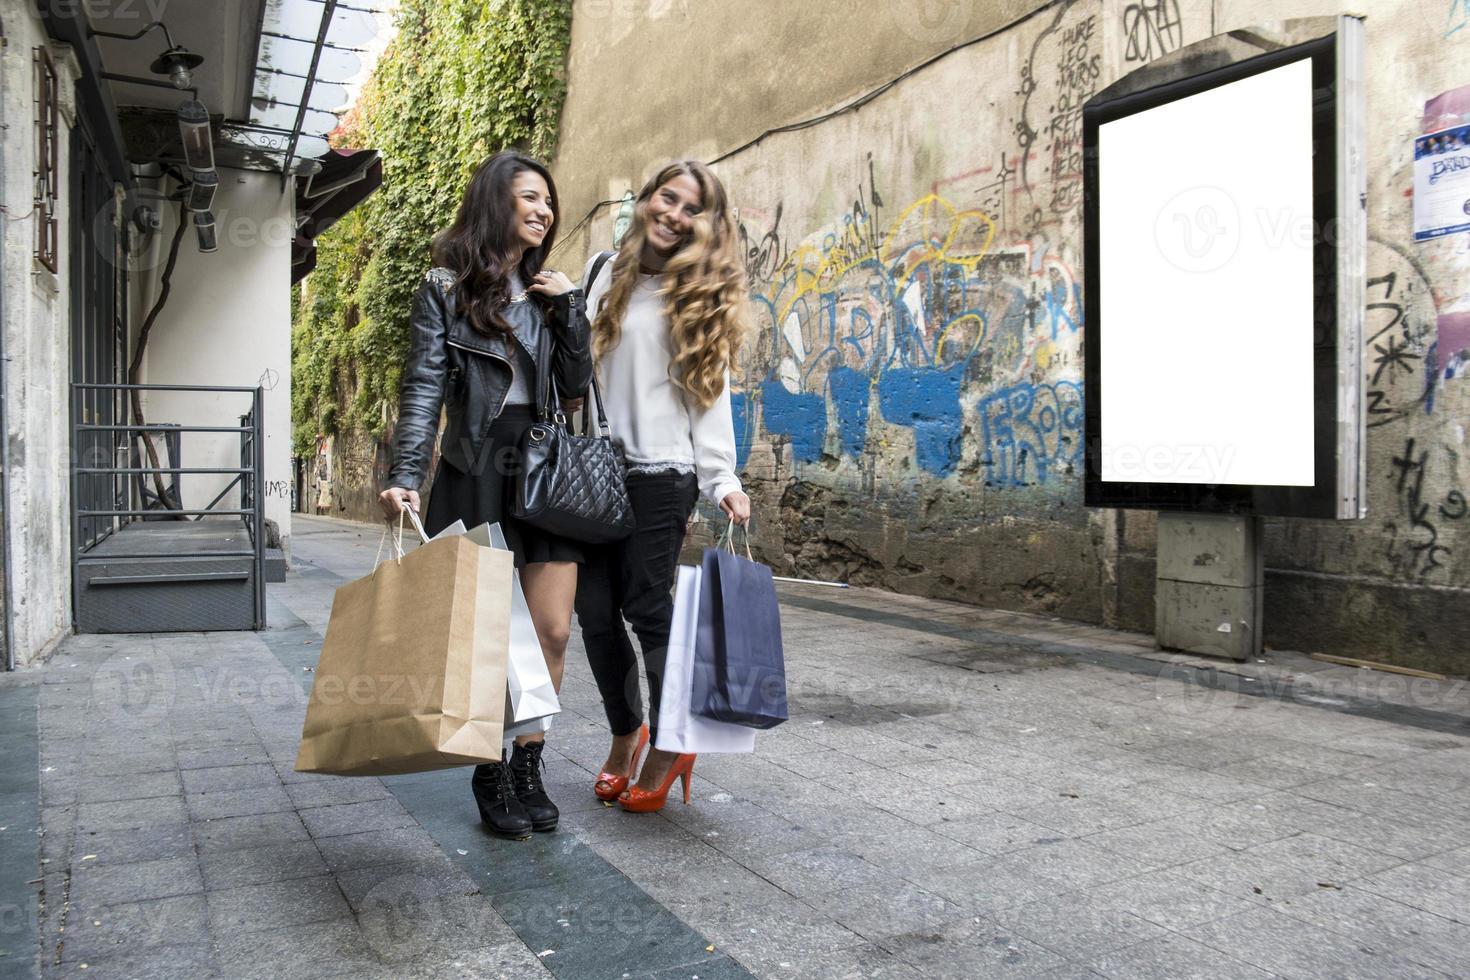 twee meisjes praten en lopen foto